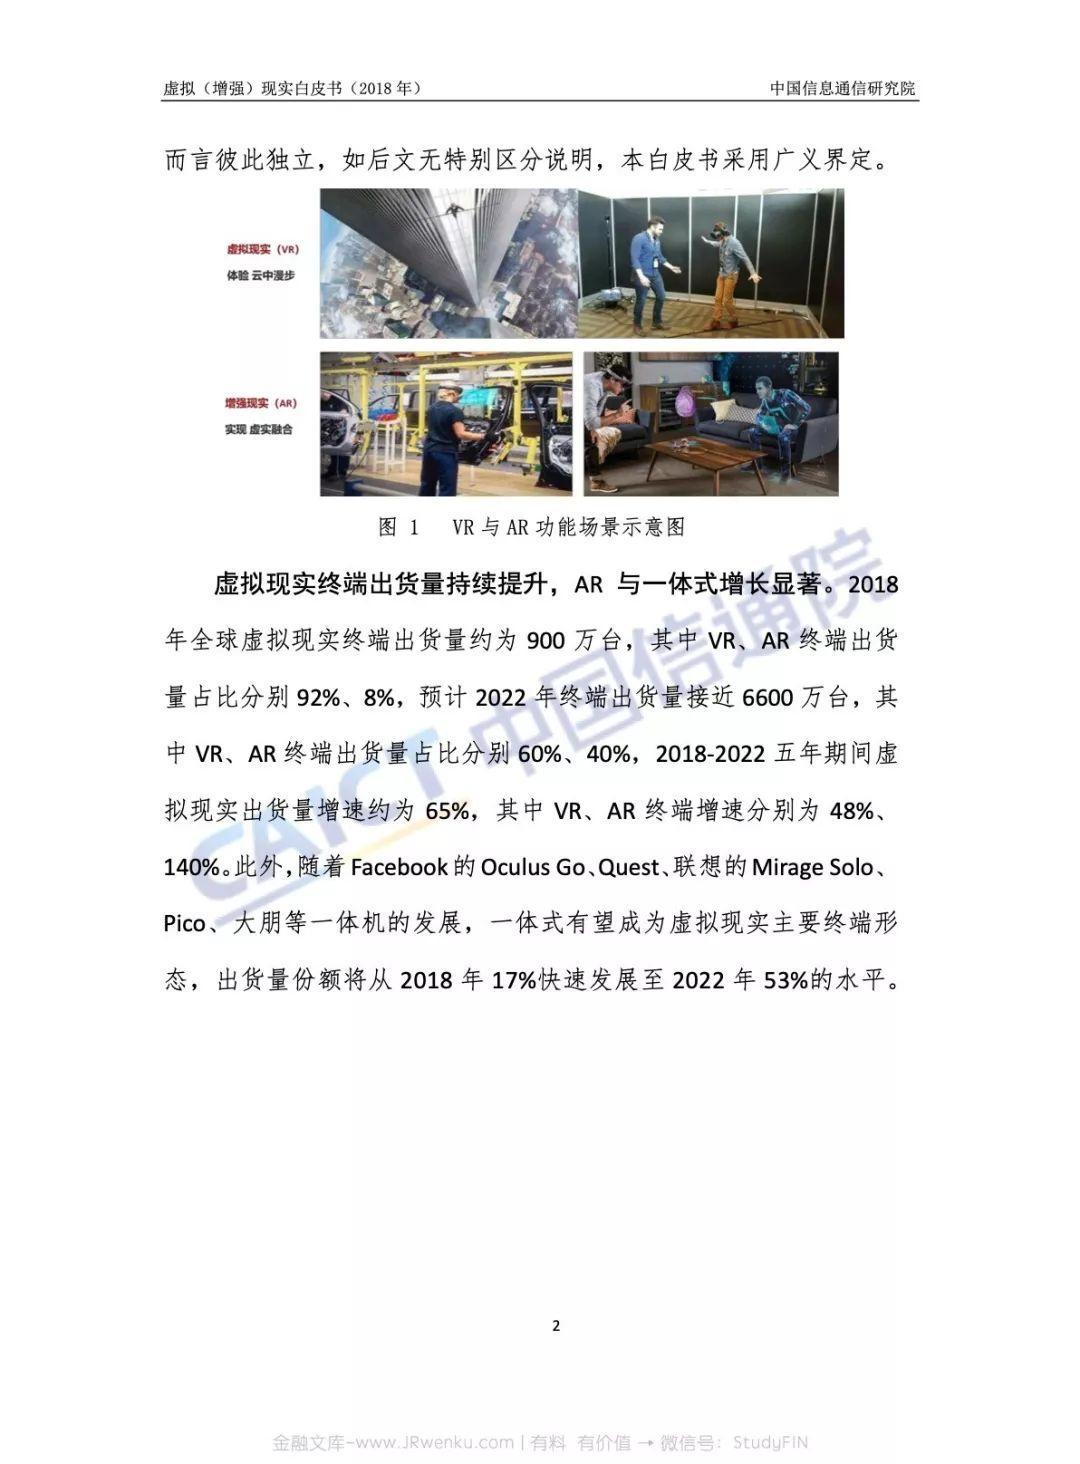 中国信通院&华为:2018VR/AR白皮书(78页)